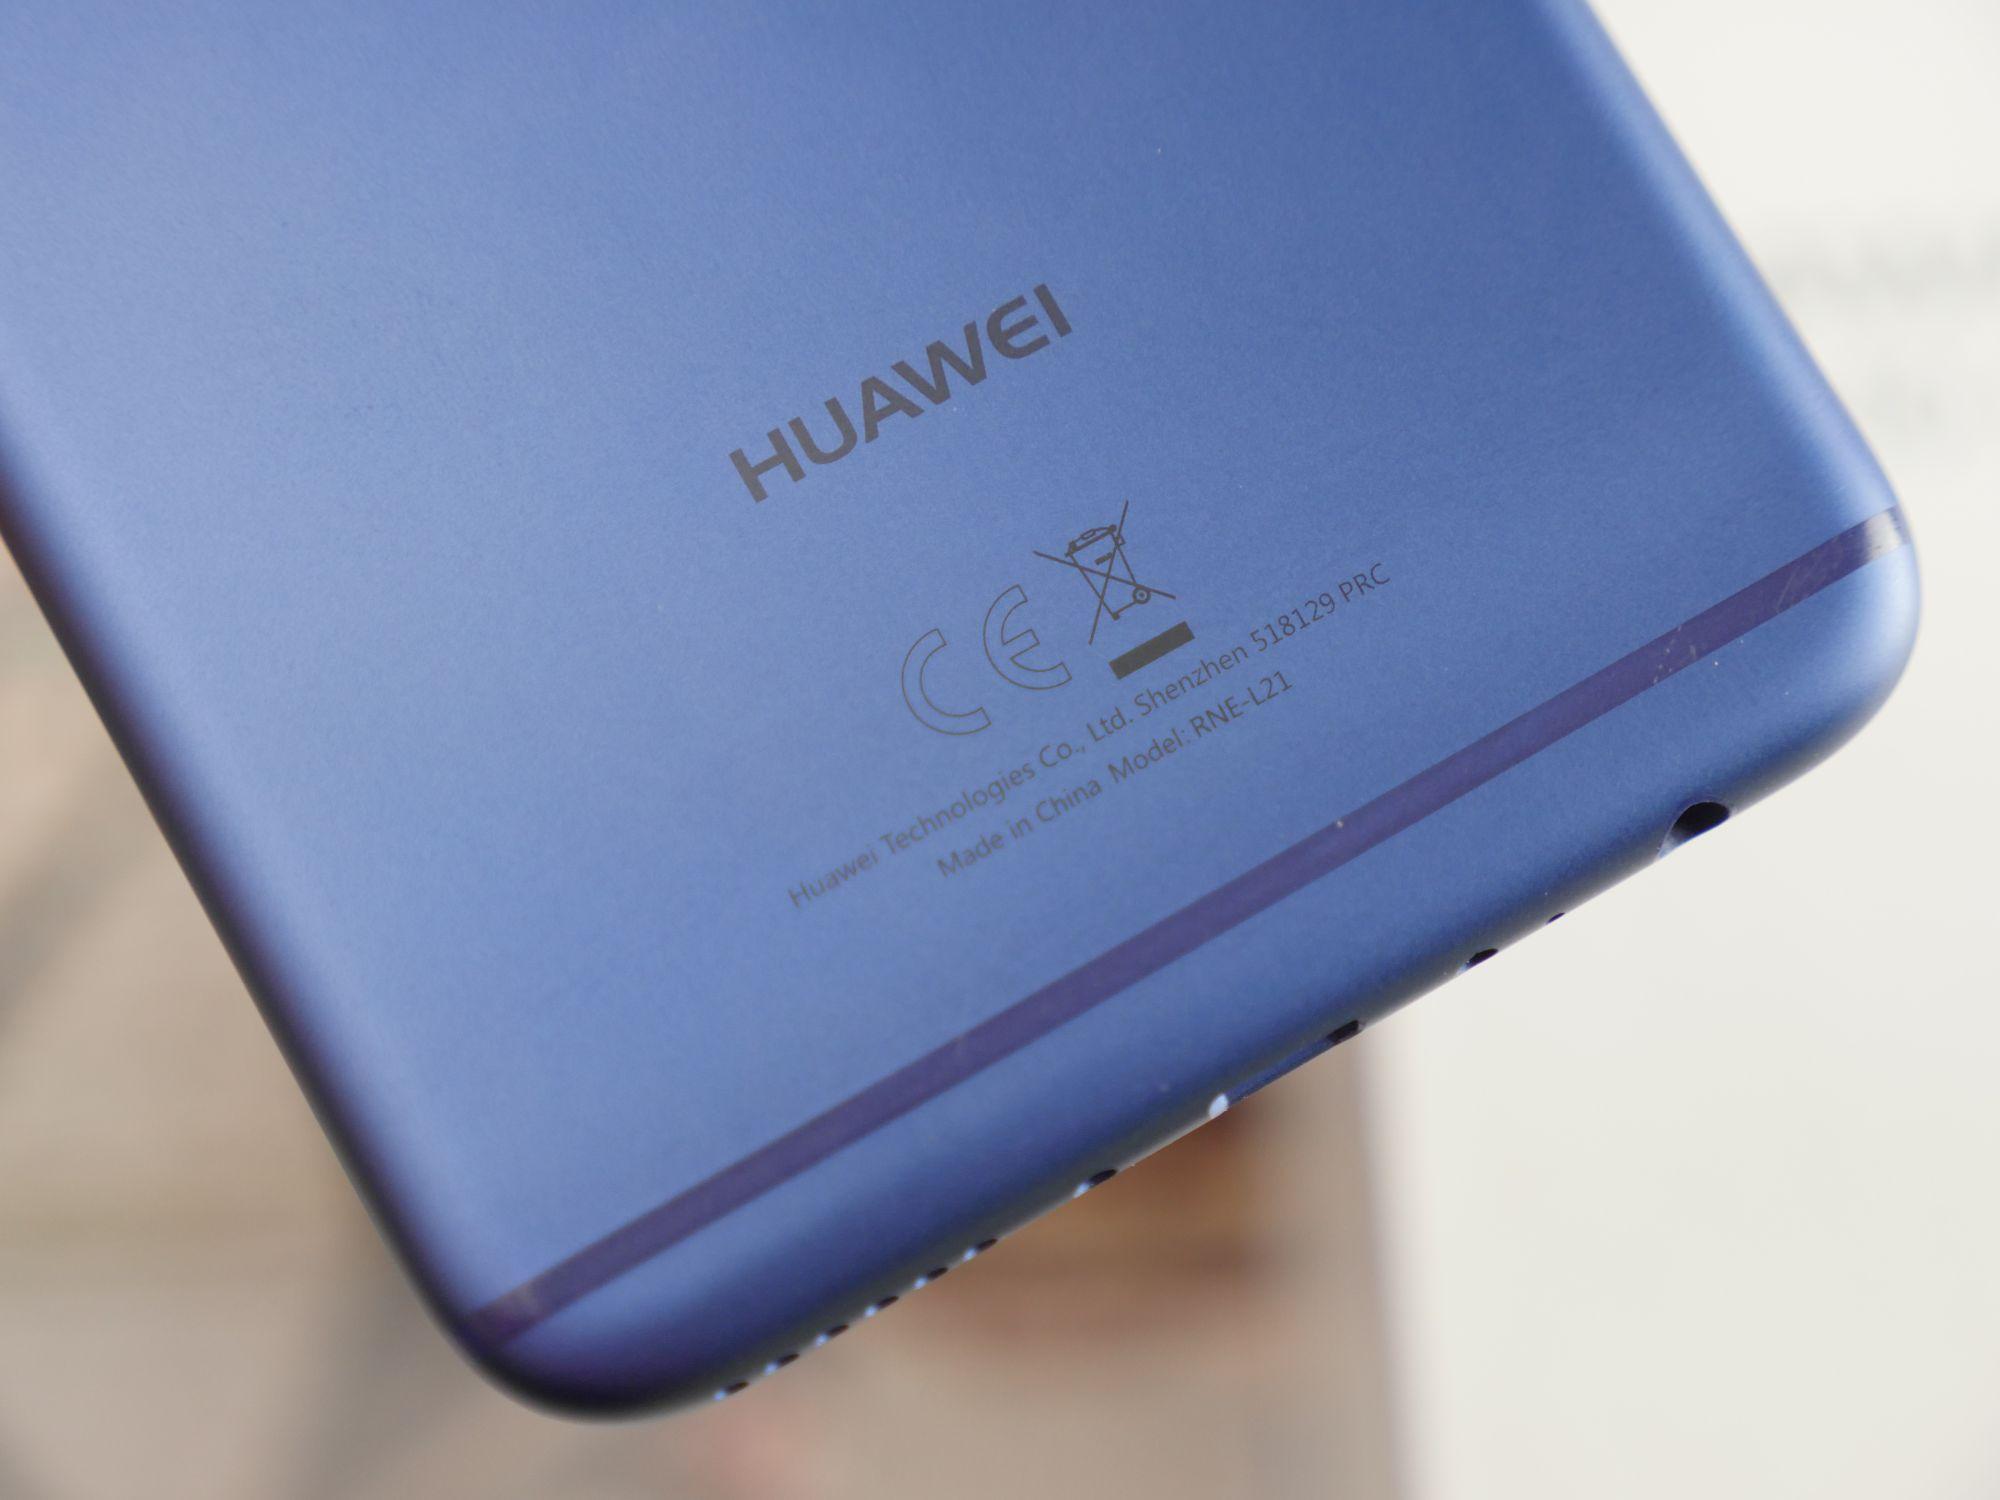 Huawei Mate 20 lite na kolejnych grafikach. Smartfon pojawi się w czarnej i złotej wersji kolorystycznej 26